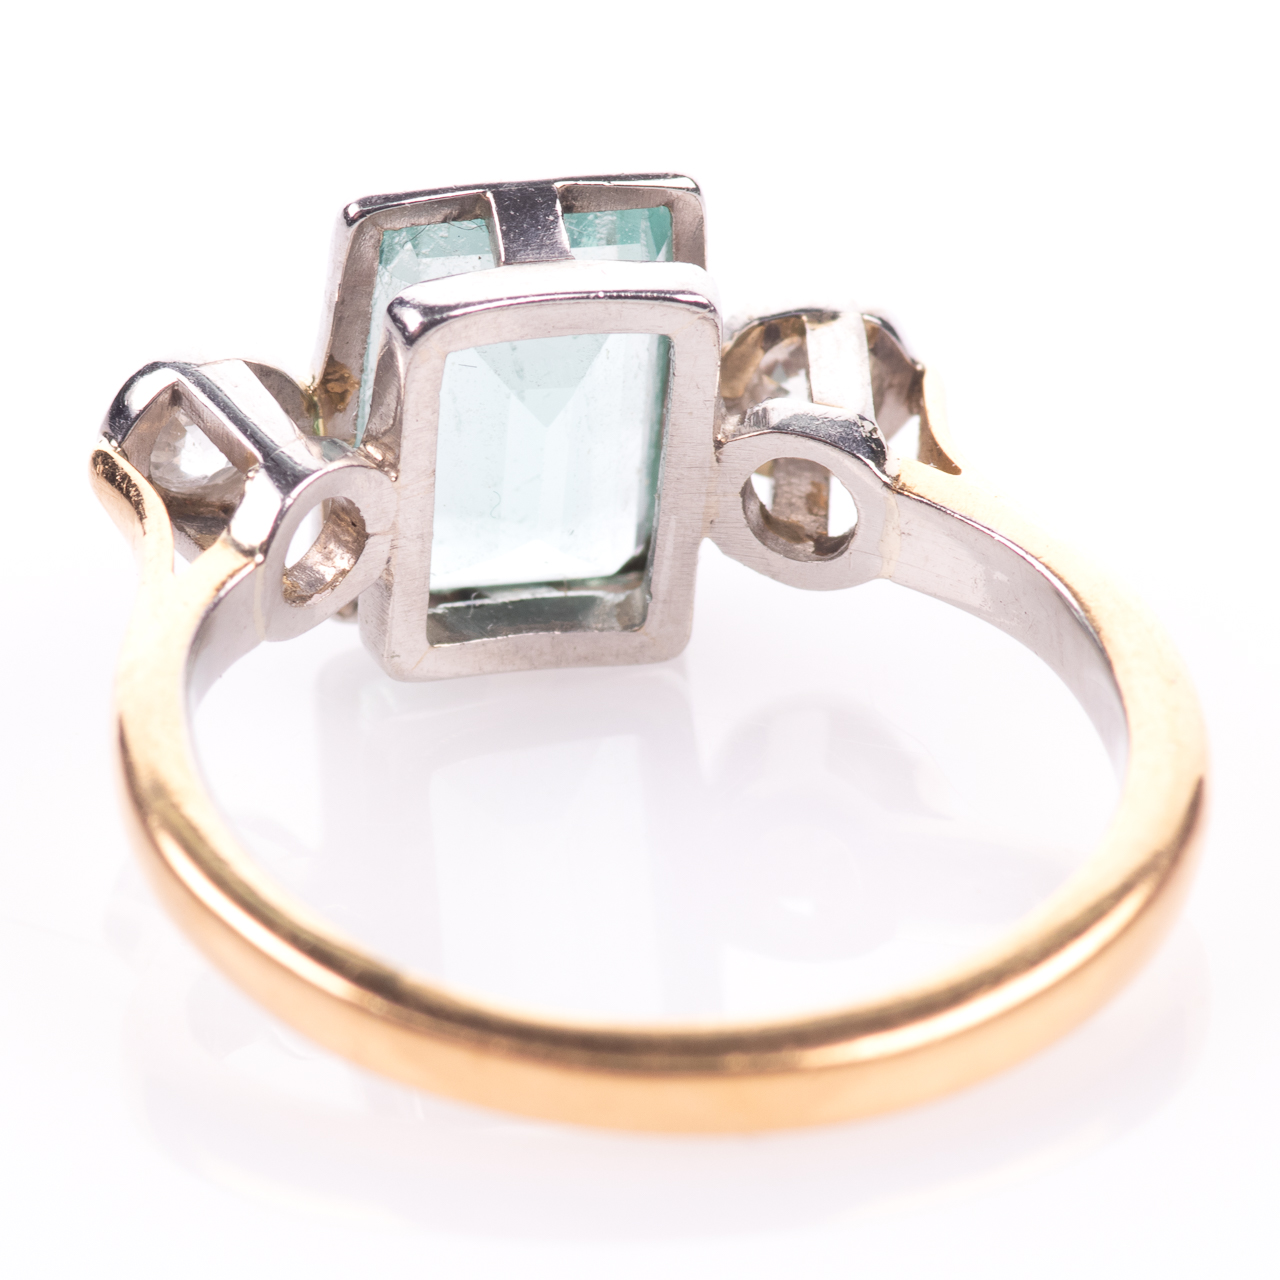 22ct Gold & Platinum 2ct Aquamarine & Diamond Art Deco Ring - Image 6 of 8